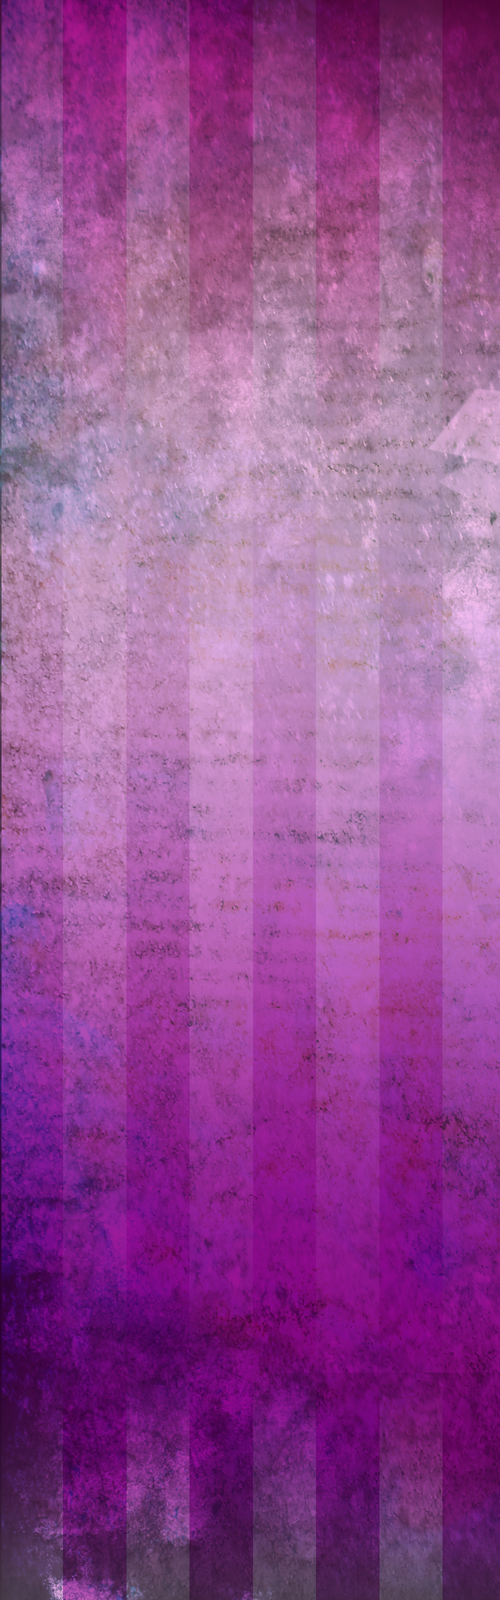 Pink box 2 by EmilysArmy